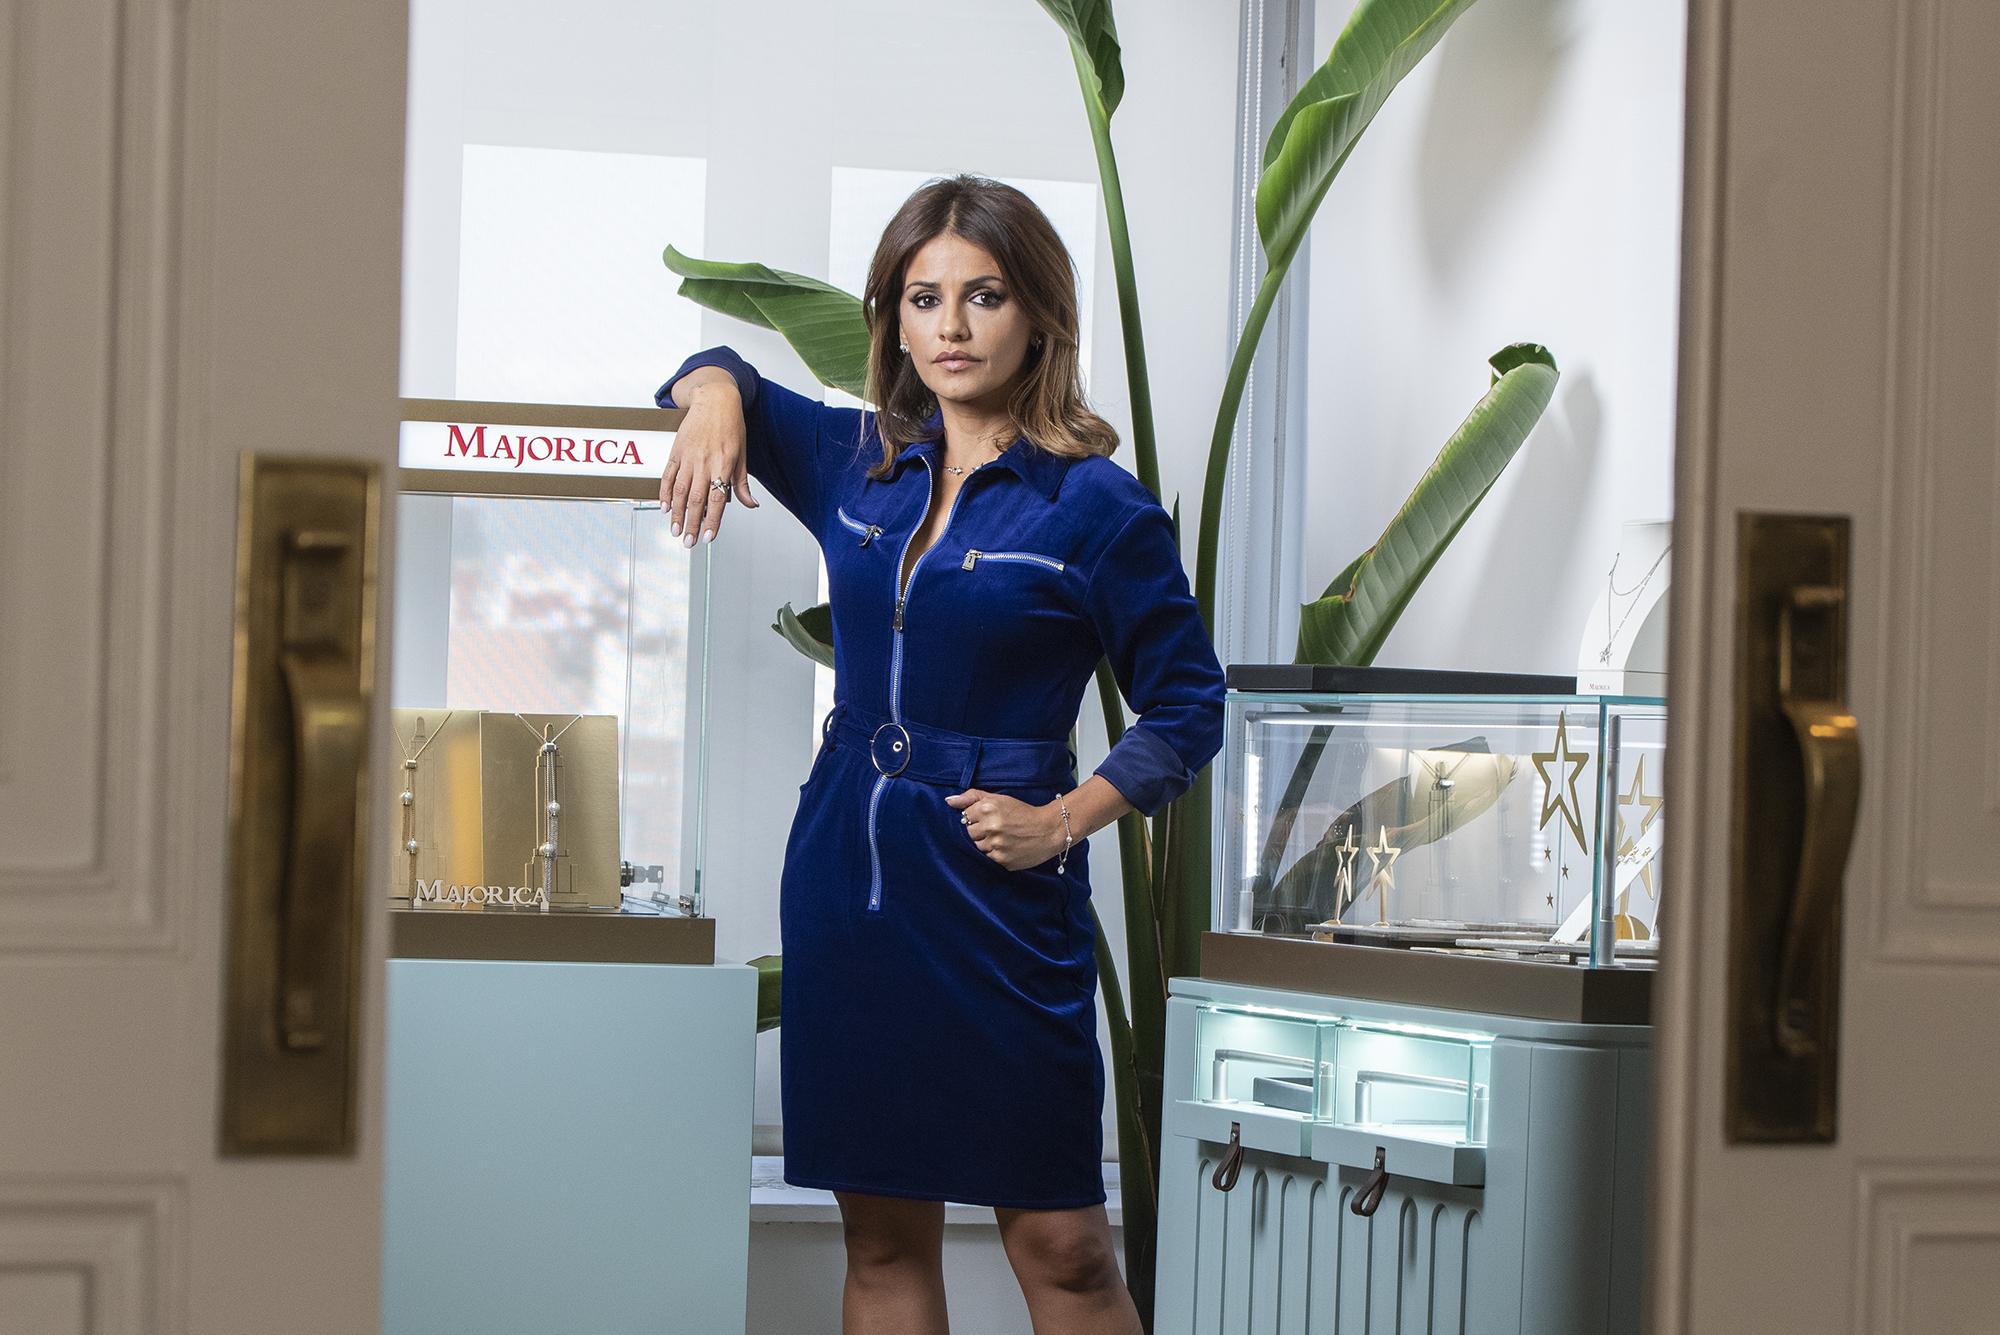 La actriz Mónica Cruz presenta la nueva imagen de Majorica así como sus dos colecciones de joyas para estas navidades.